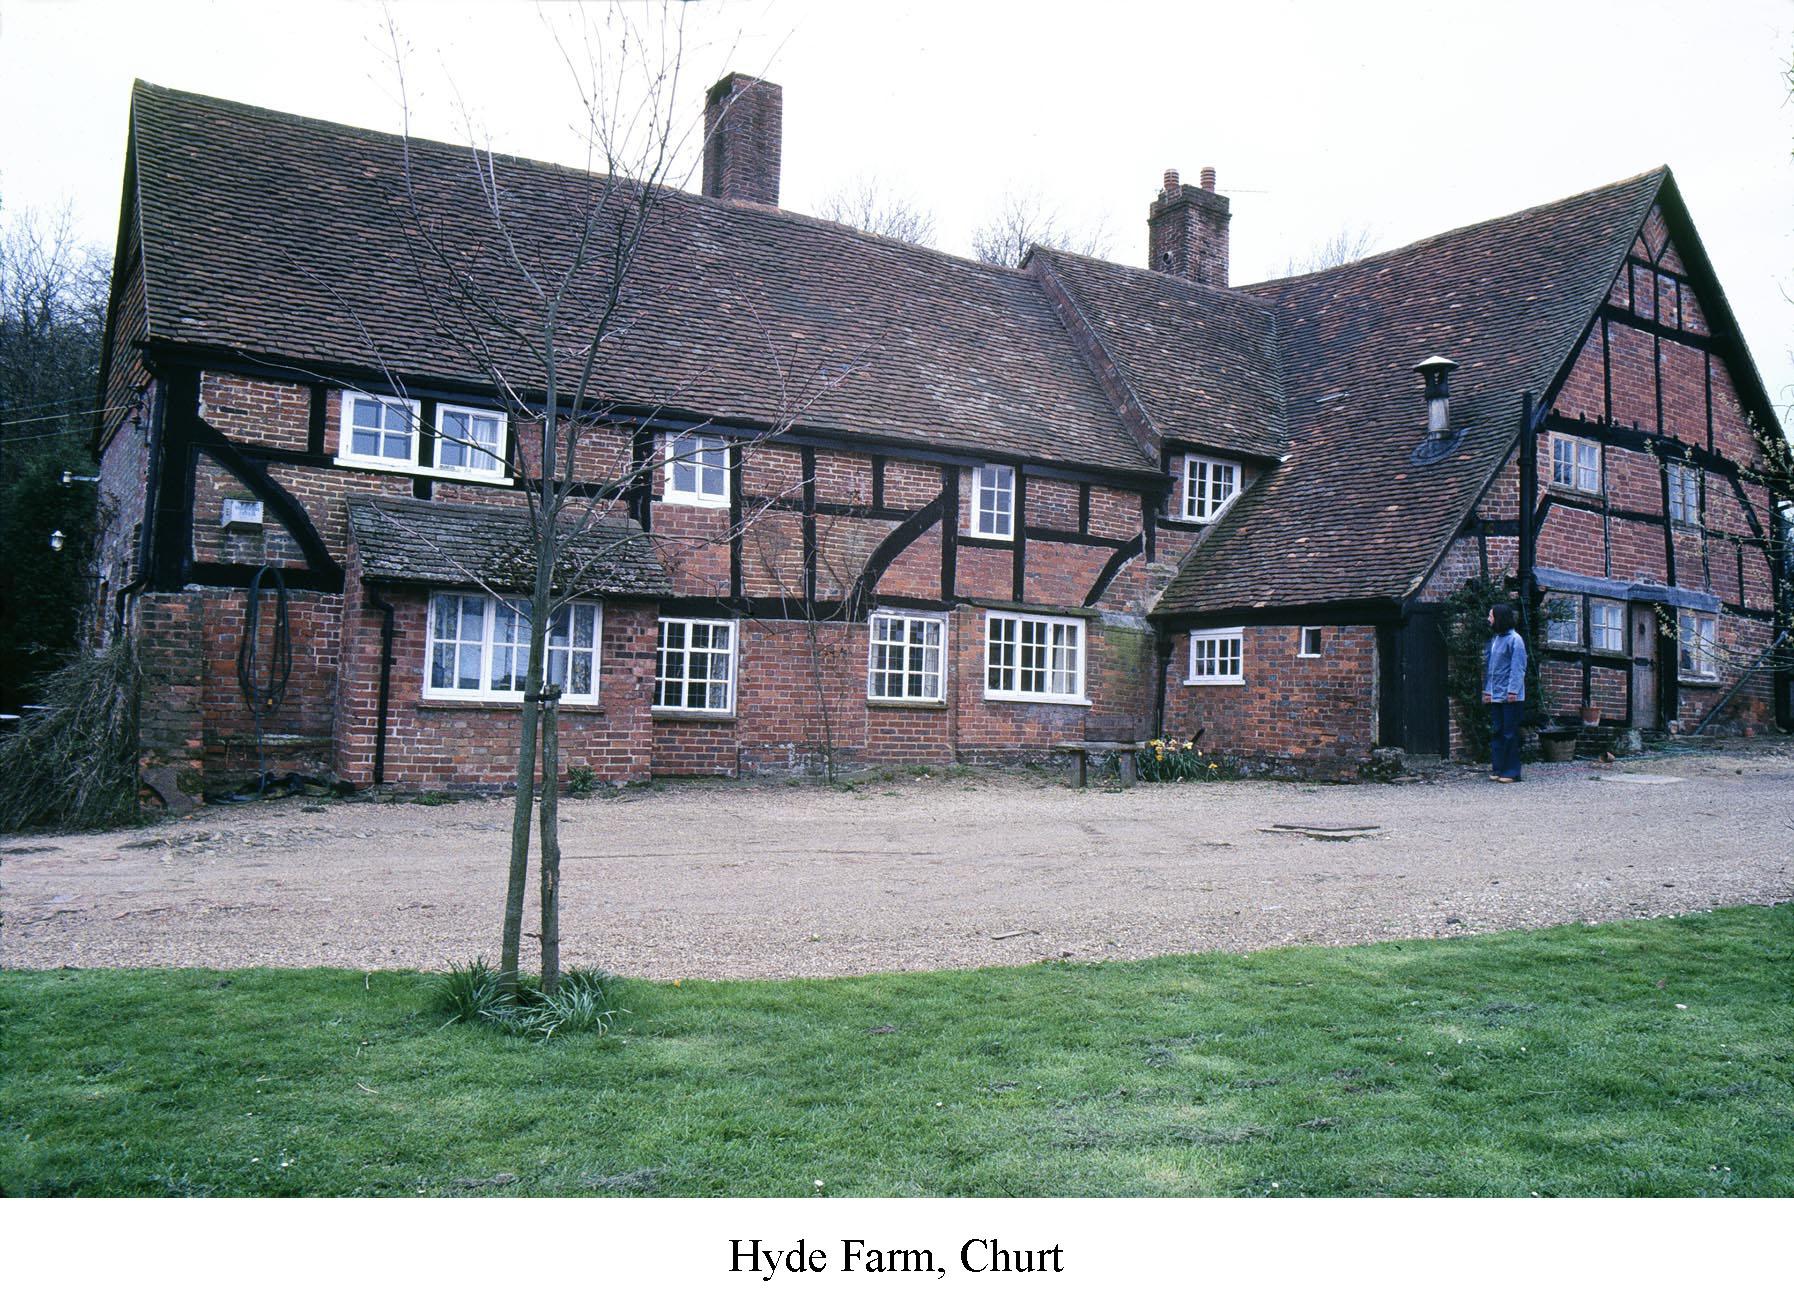 Hyde Farm, Churt